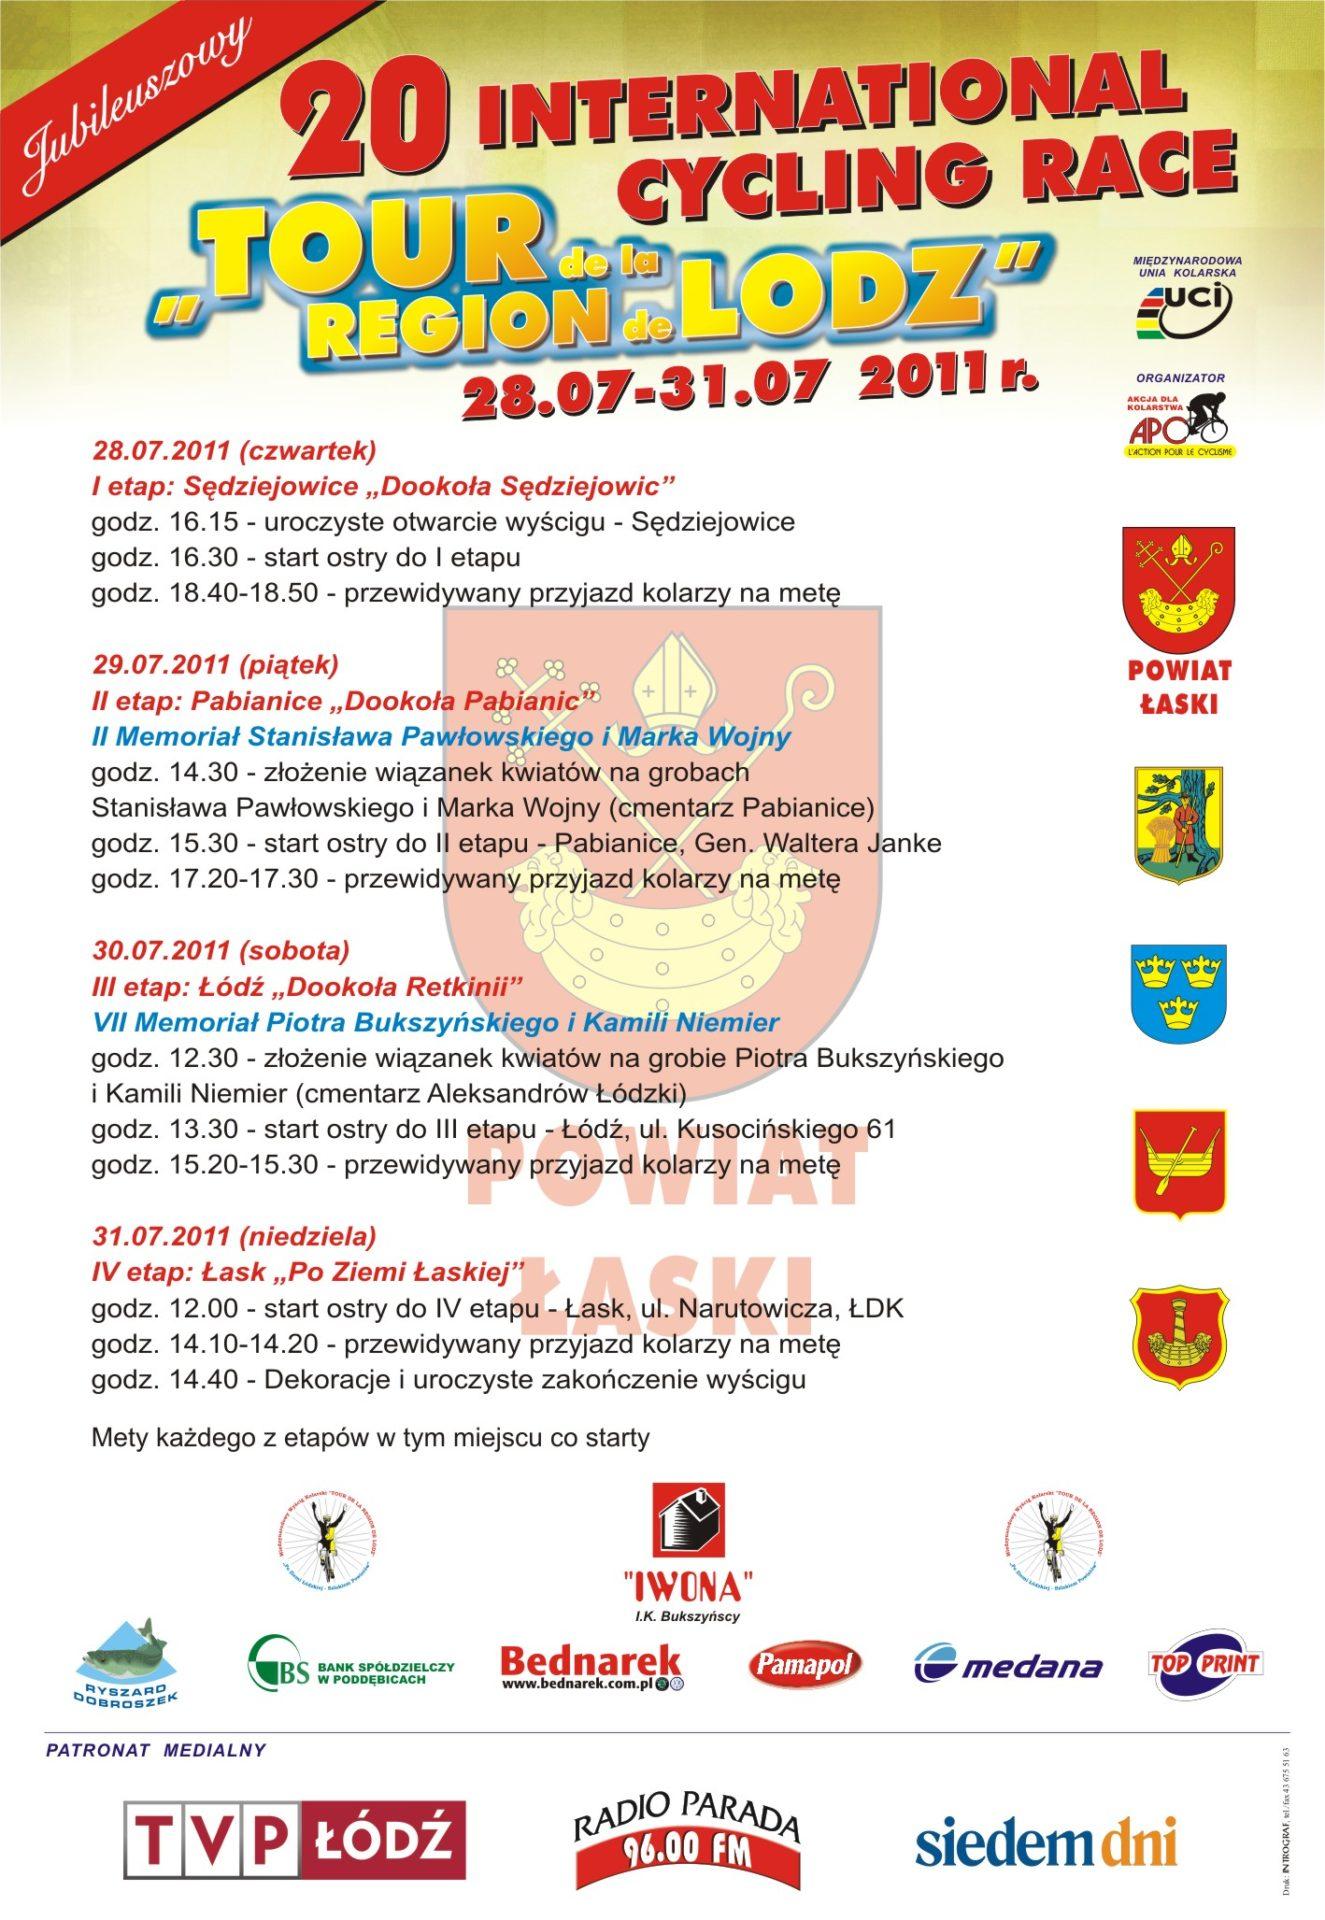 Jubileuszowy 20. Międzynarodowy Wyścig Kolarski TOUR de la REGION de LODZ